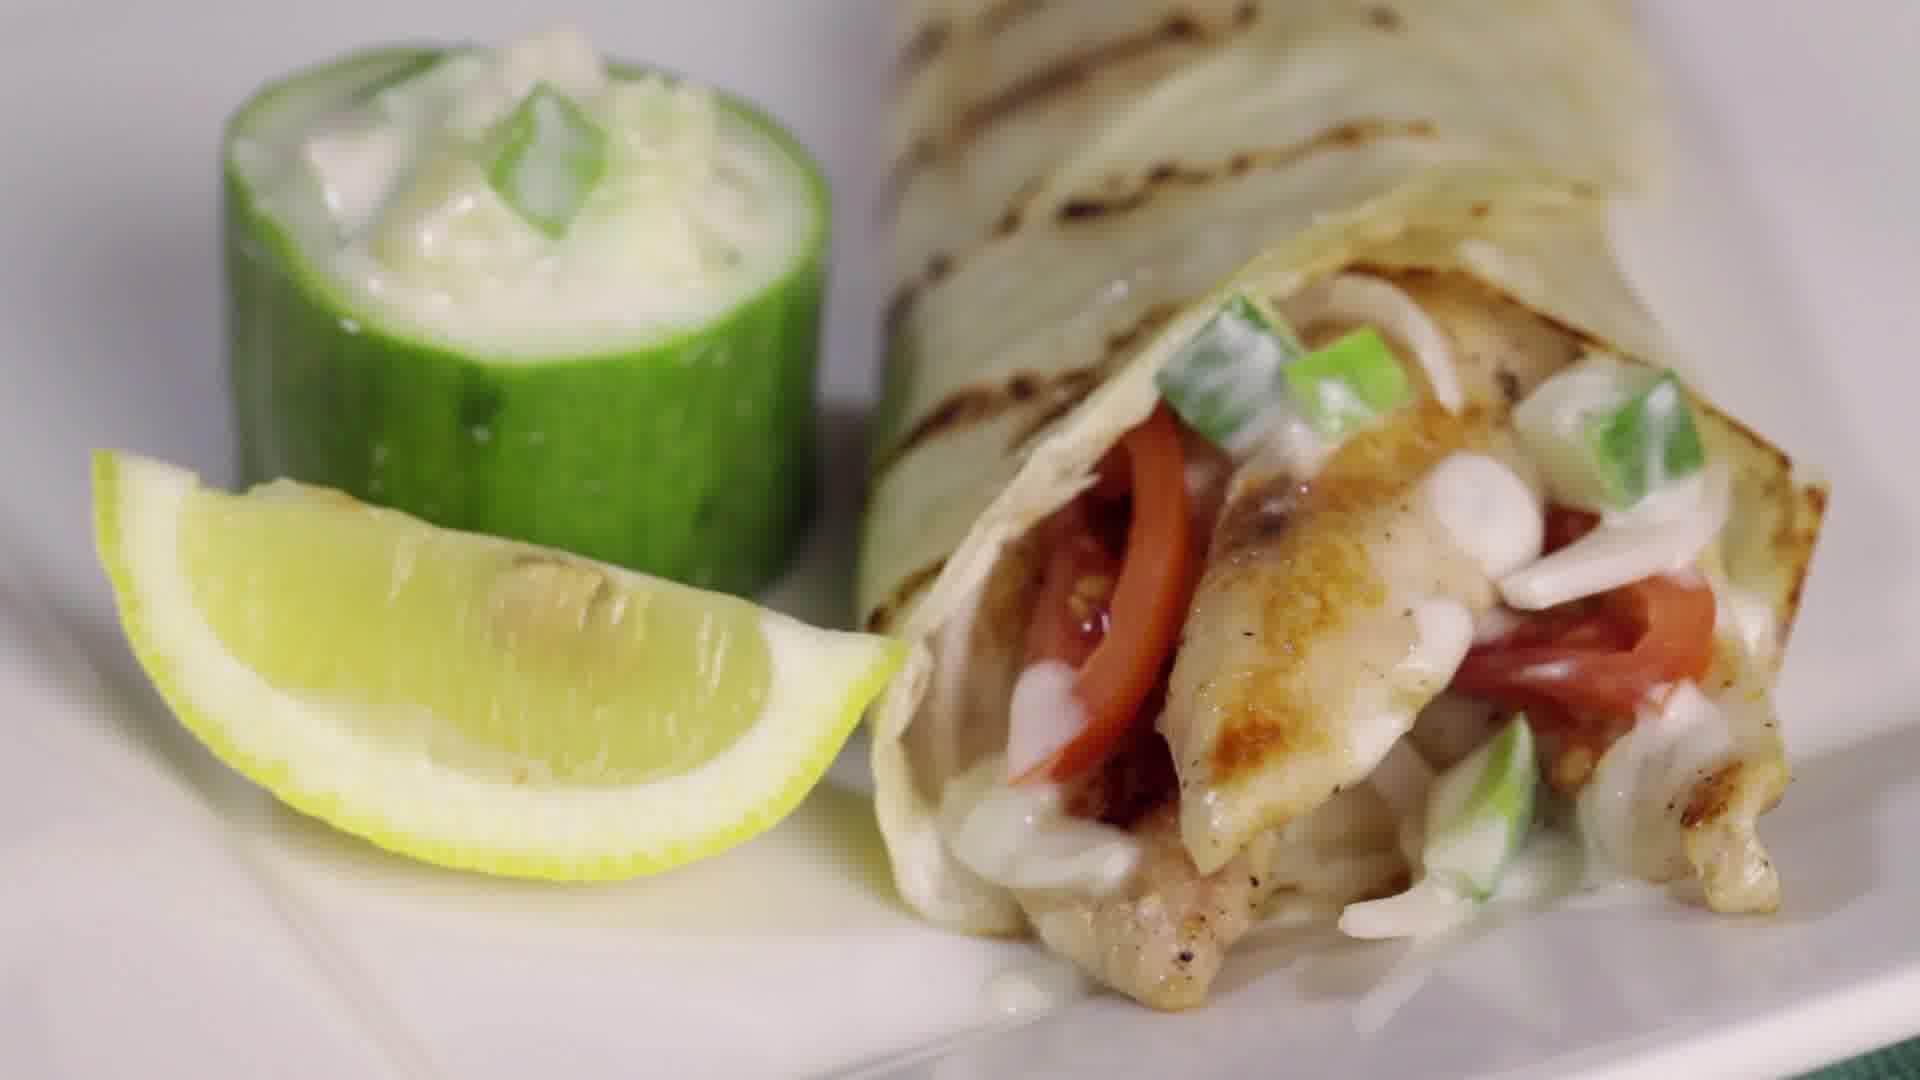 C mo hacer gyros de pollo griegos con salsa salsa tzatziki entrenamiento - Como se hace pollo en salsa ...